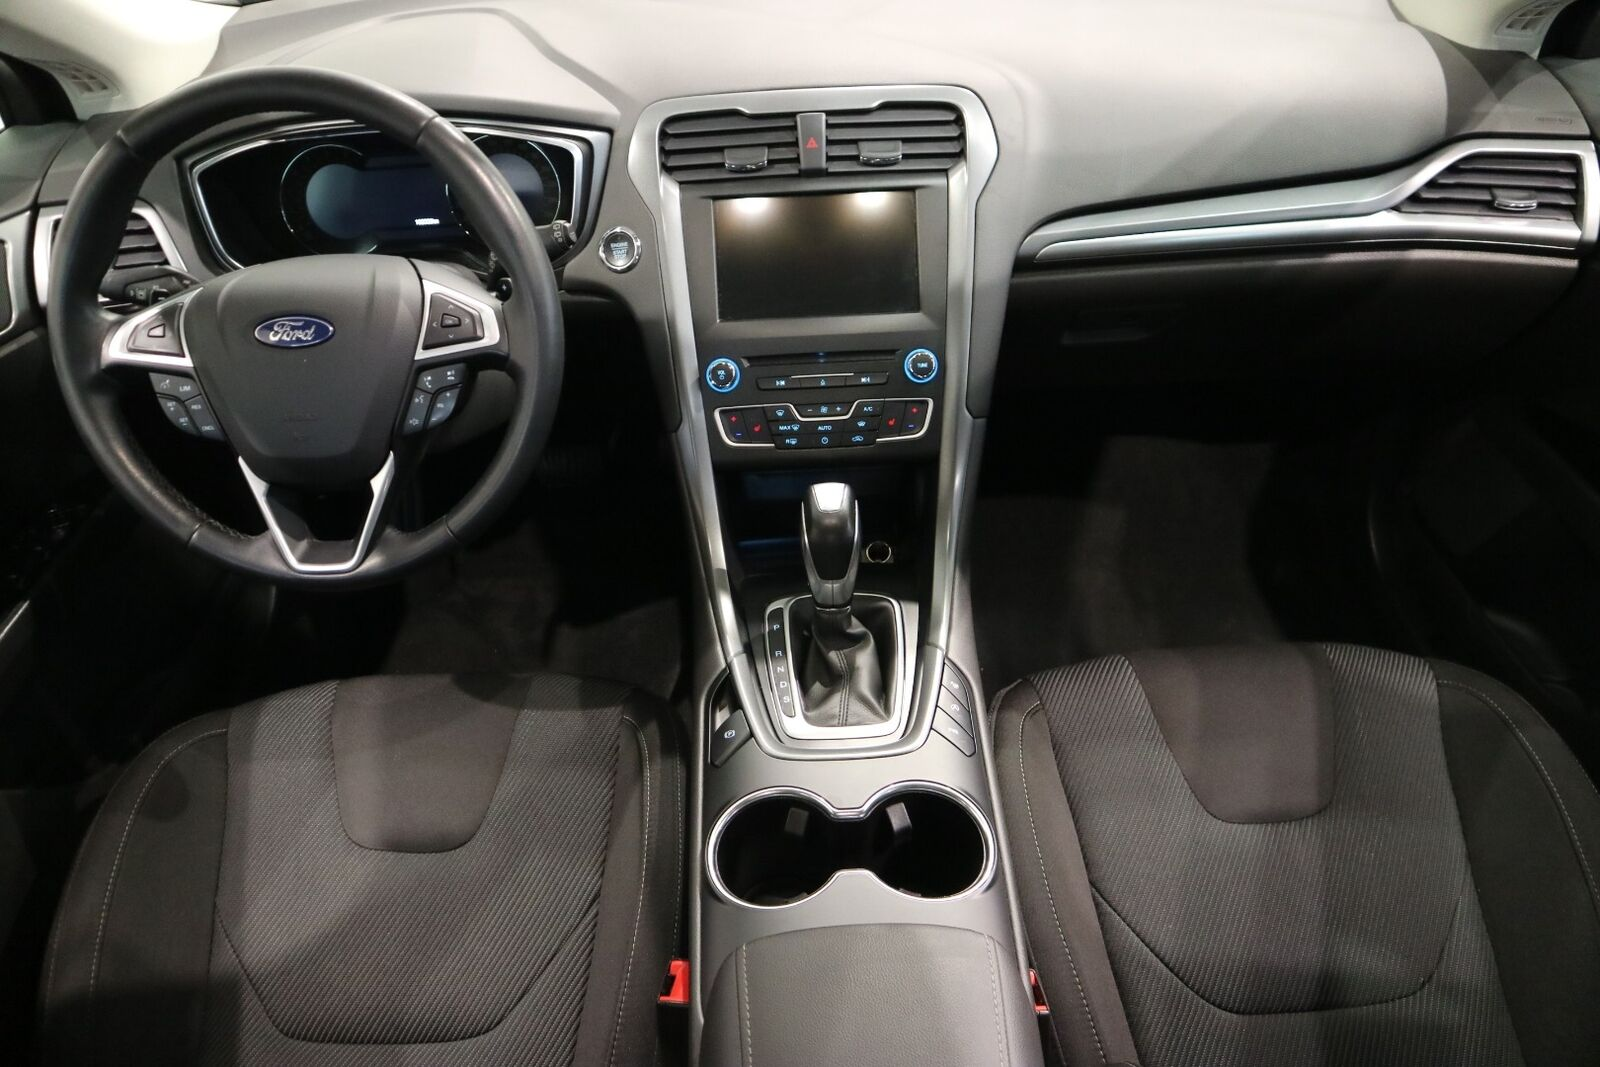 Ford Mondeo 2,0 TDCi 180 Titanium stc. aut. - billede 16